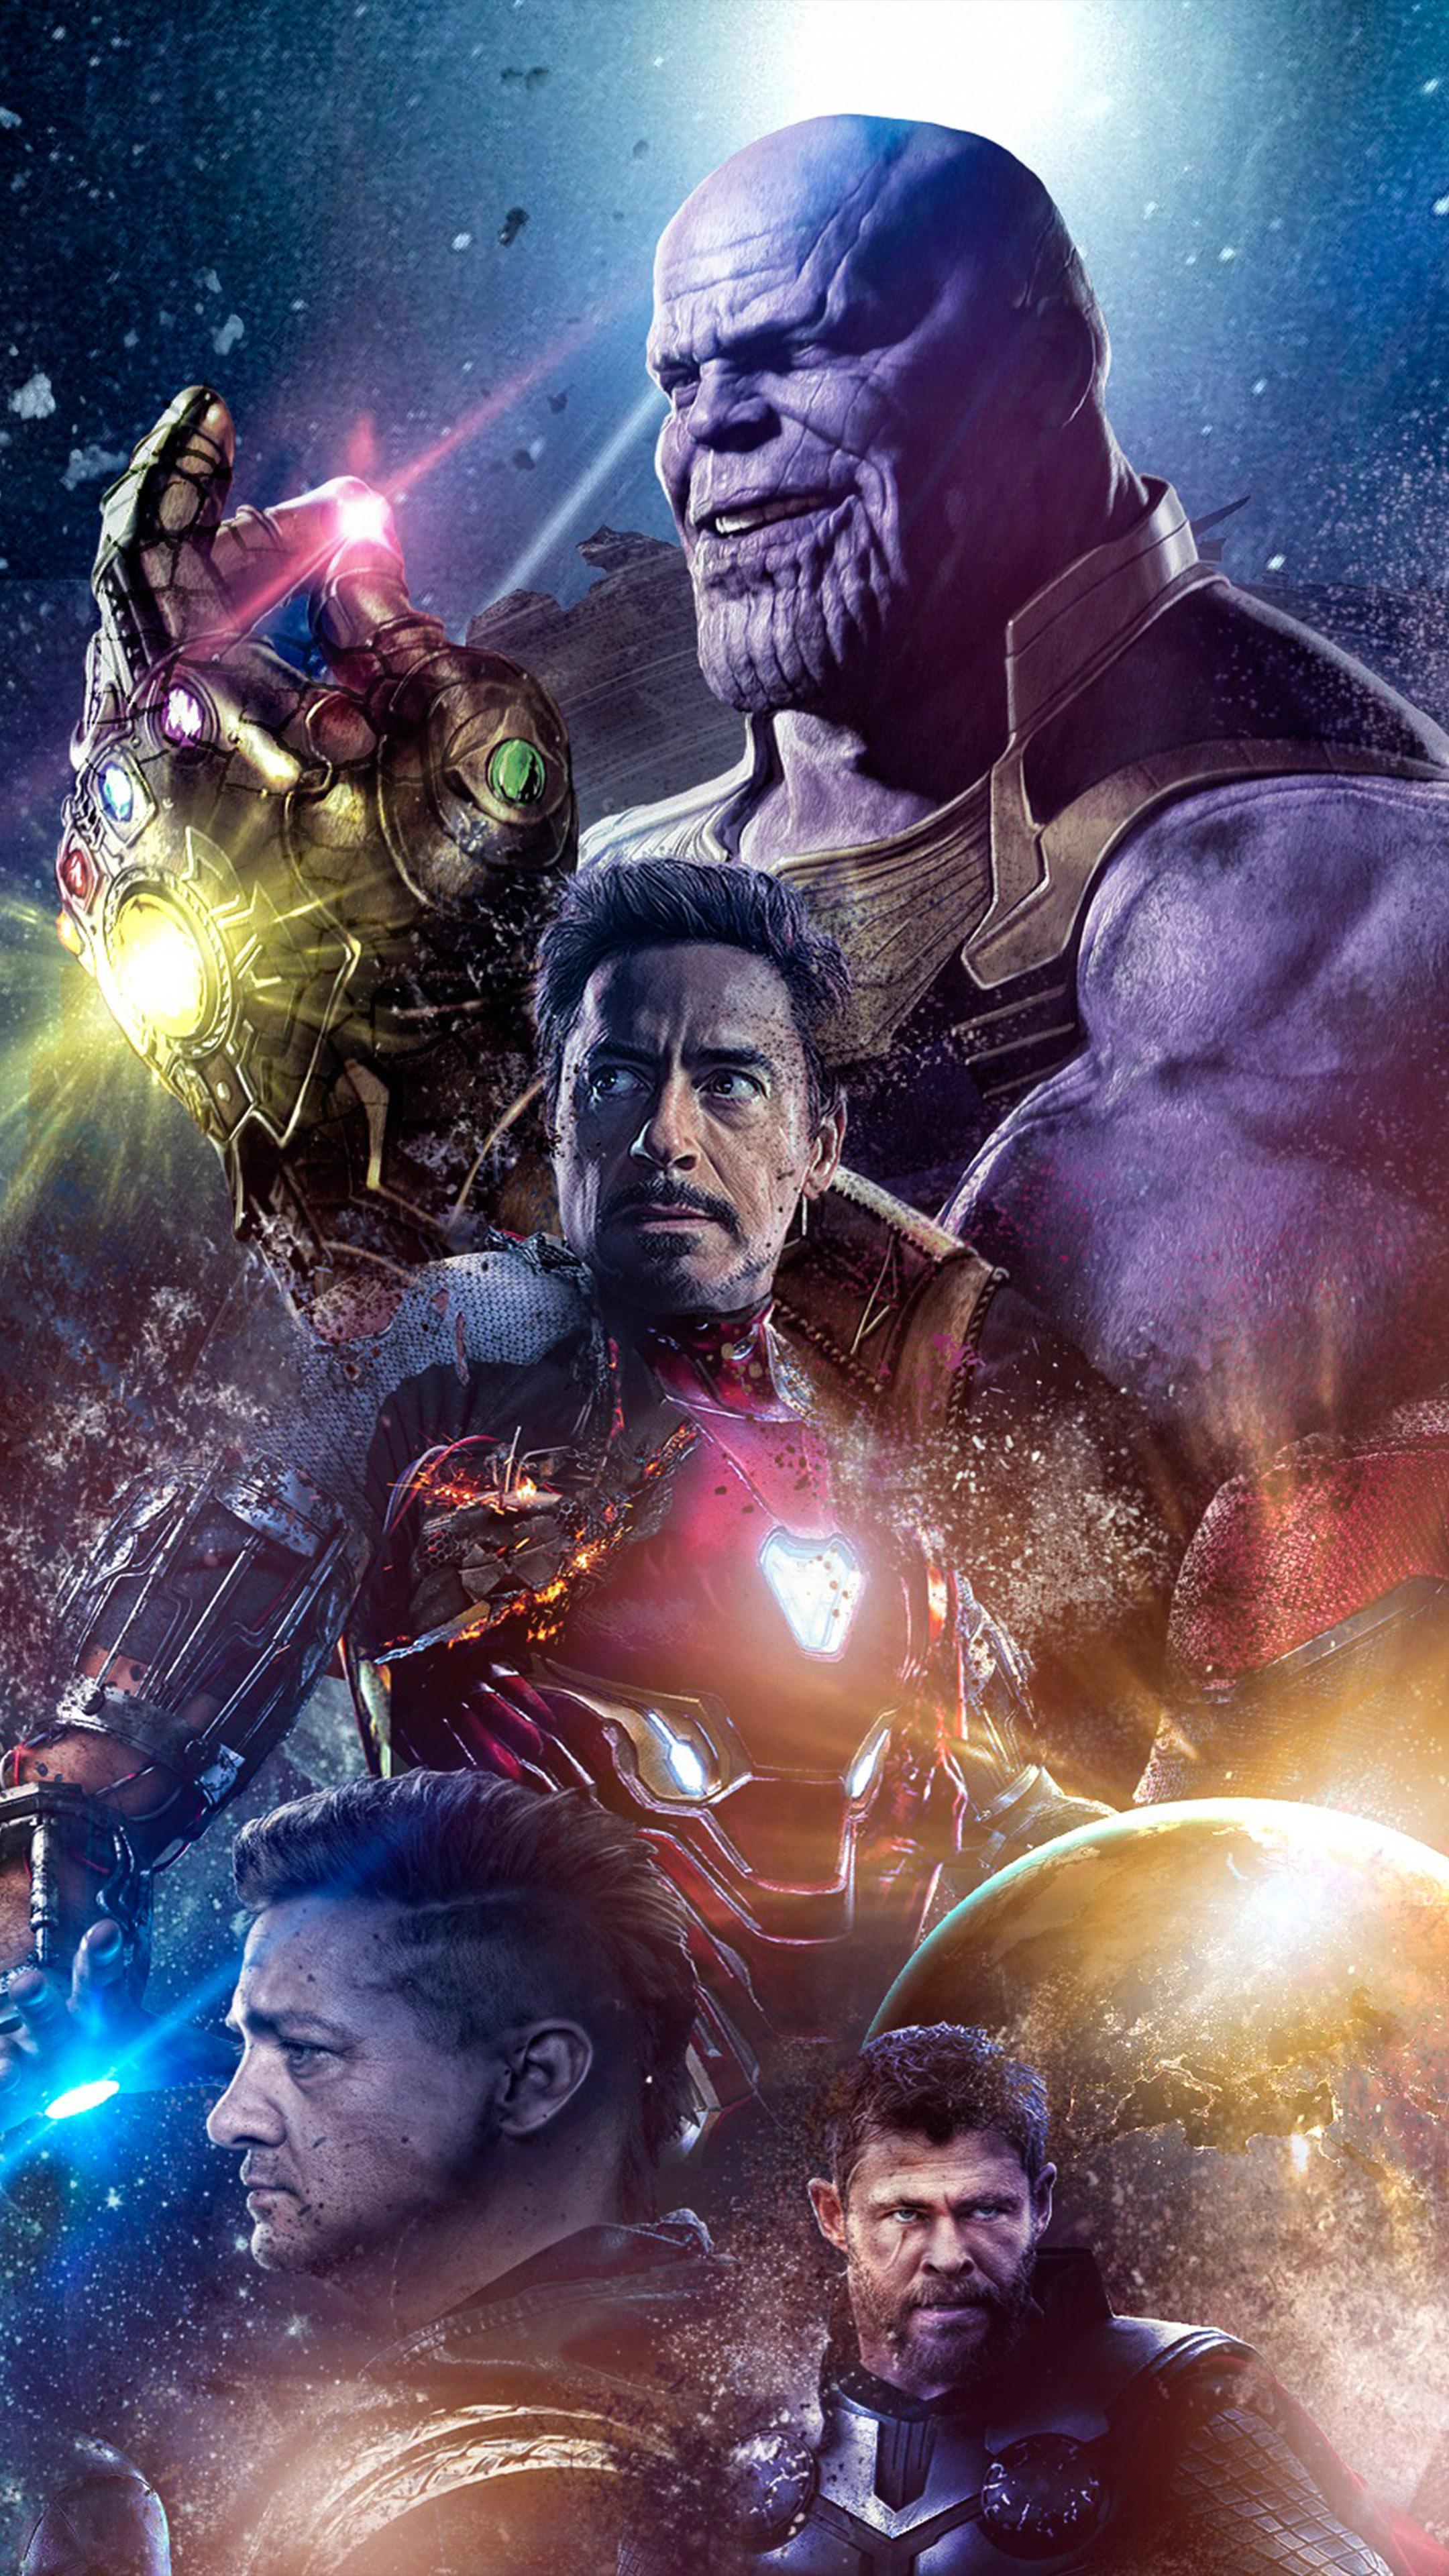 Avengers Endgame 2019 4k Ultra Hd Mobile Wallpaper